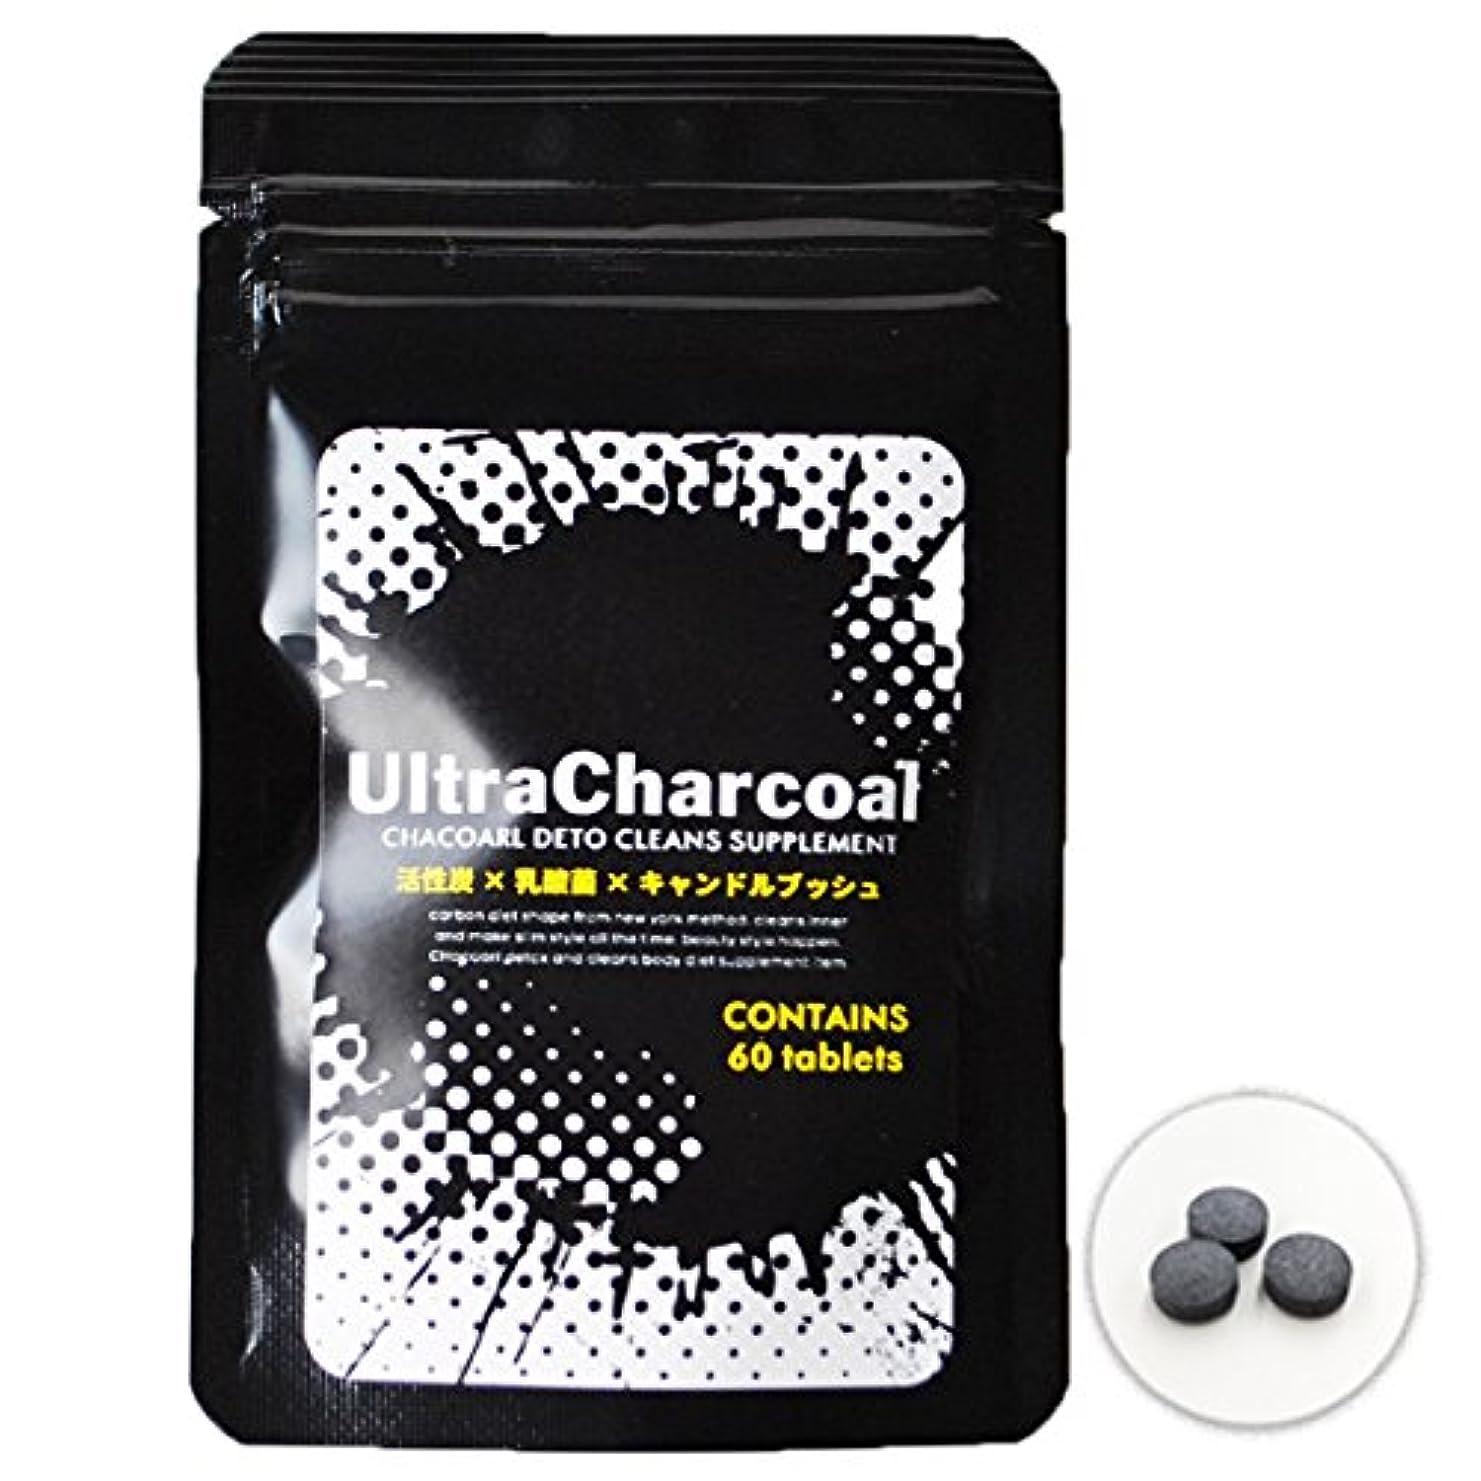 間接的アッティカス溶岩チャコールダイエット サプリ 活性炭 竹炭 備長炭 有胞子性乳酸菌 キャンドルブッシュ 配合 サプリメント (60粒入り)